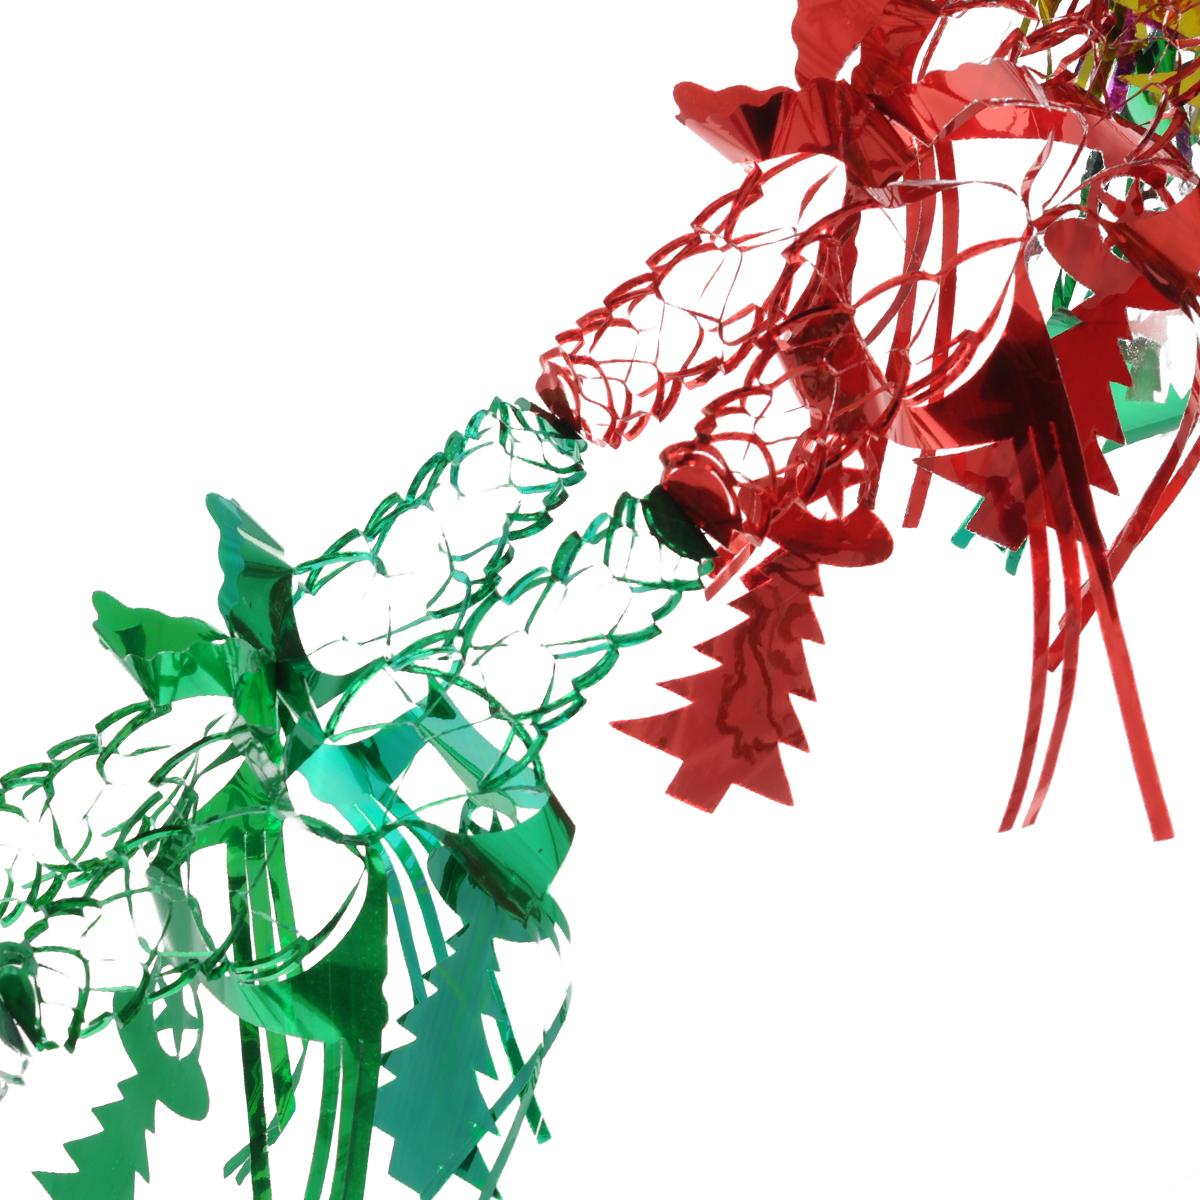 Новогодняя гирлянда Елочка с бахромой, цвет: мульти, 2,2 м. 3438234382Новогодняя гирлянда прекрасно подойдет для декора дома или офиса. Украшение выполнено из разноцветной металлизированной фольги. С помощью специальных петелек гирлянду можно повесить в любом понравившемся вам месте. Украшение легко складывается и раскладывается.Новогодние украшения несут в себе волшебство и красоту праздника. Они помогут вам украсить дом к предстоящим праздникам и оживить интерьер по вашему вкусу. Создайте в доме атмосферу тепла, веселья и радости, украшая его всей семьей.